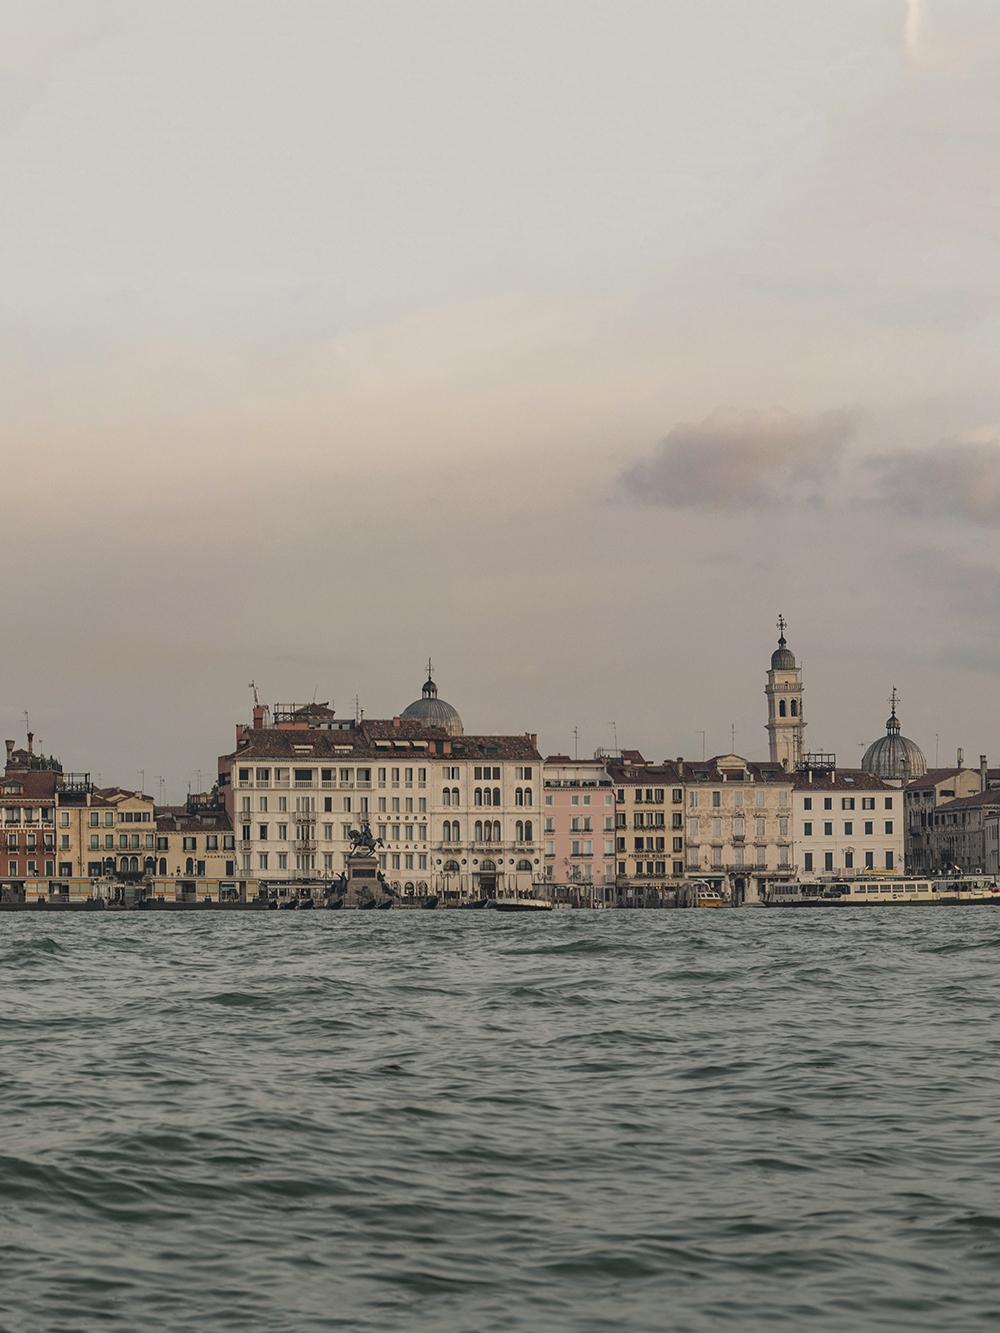 Venice-Panorama-04b.jpg